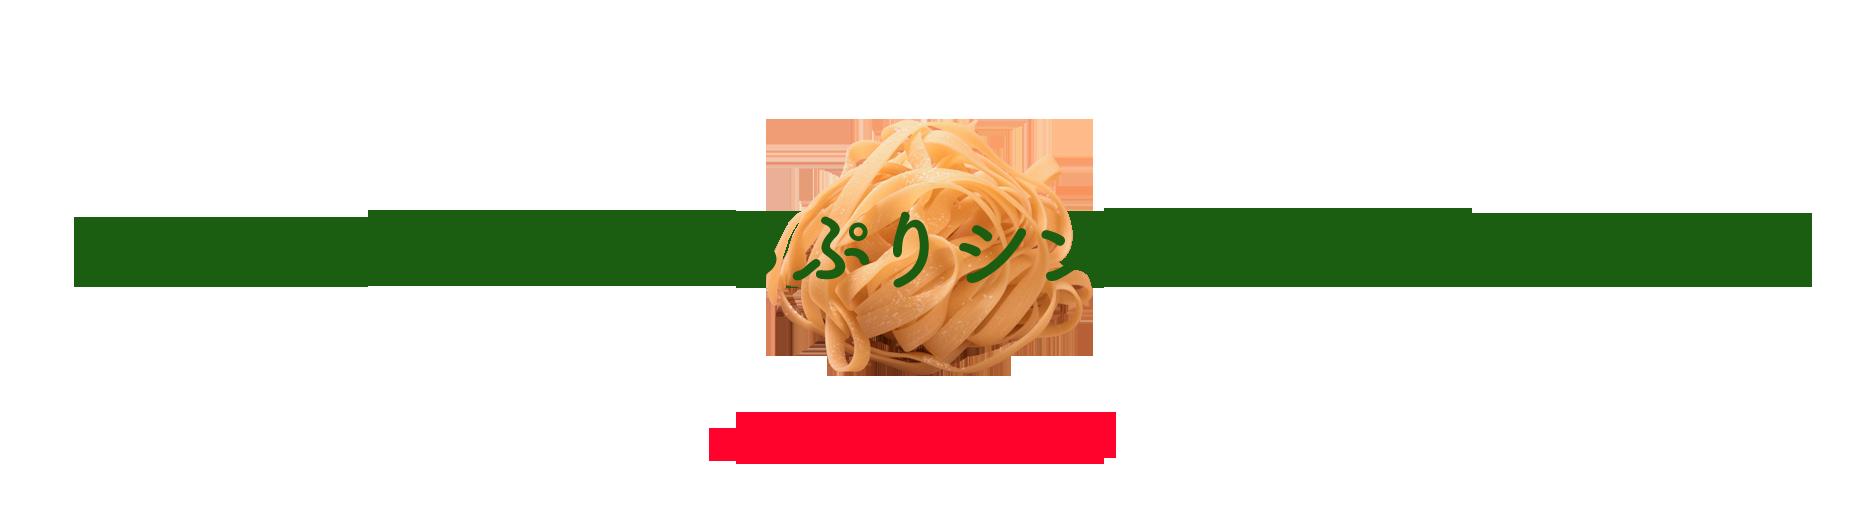 パルメジャーノたっぷりシンプル・トマトパスタ